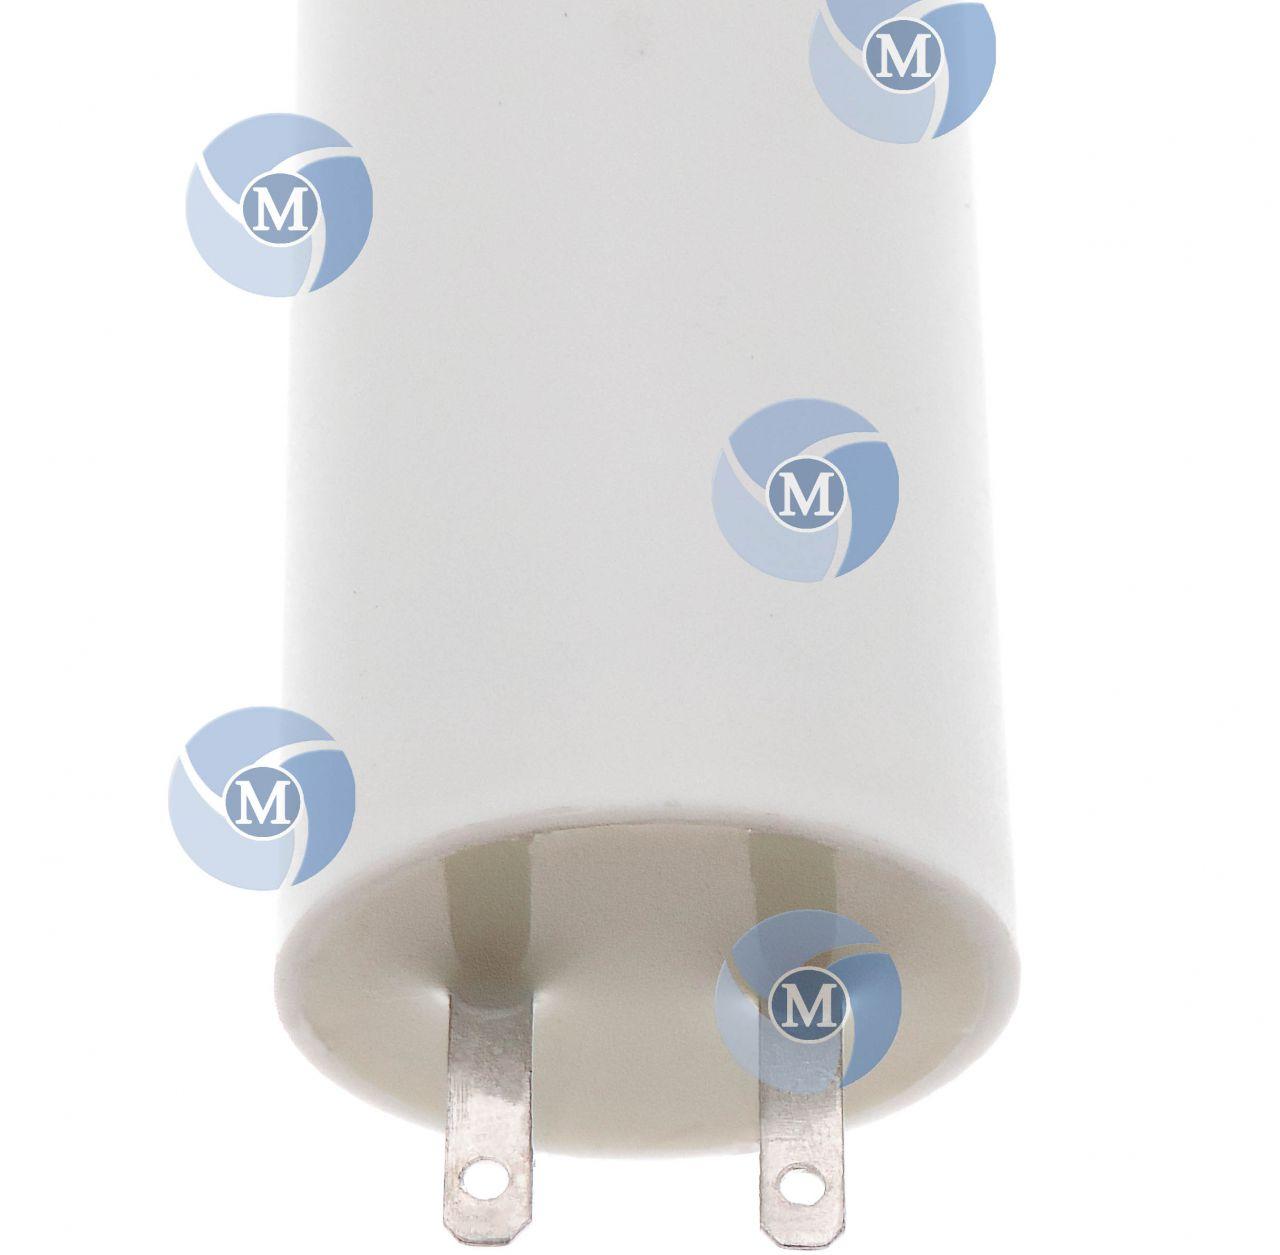 Condensateur 3 5 f special volet roulant 25mm et cosses 2 8mm - Condensateur volet roulant ...